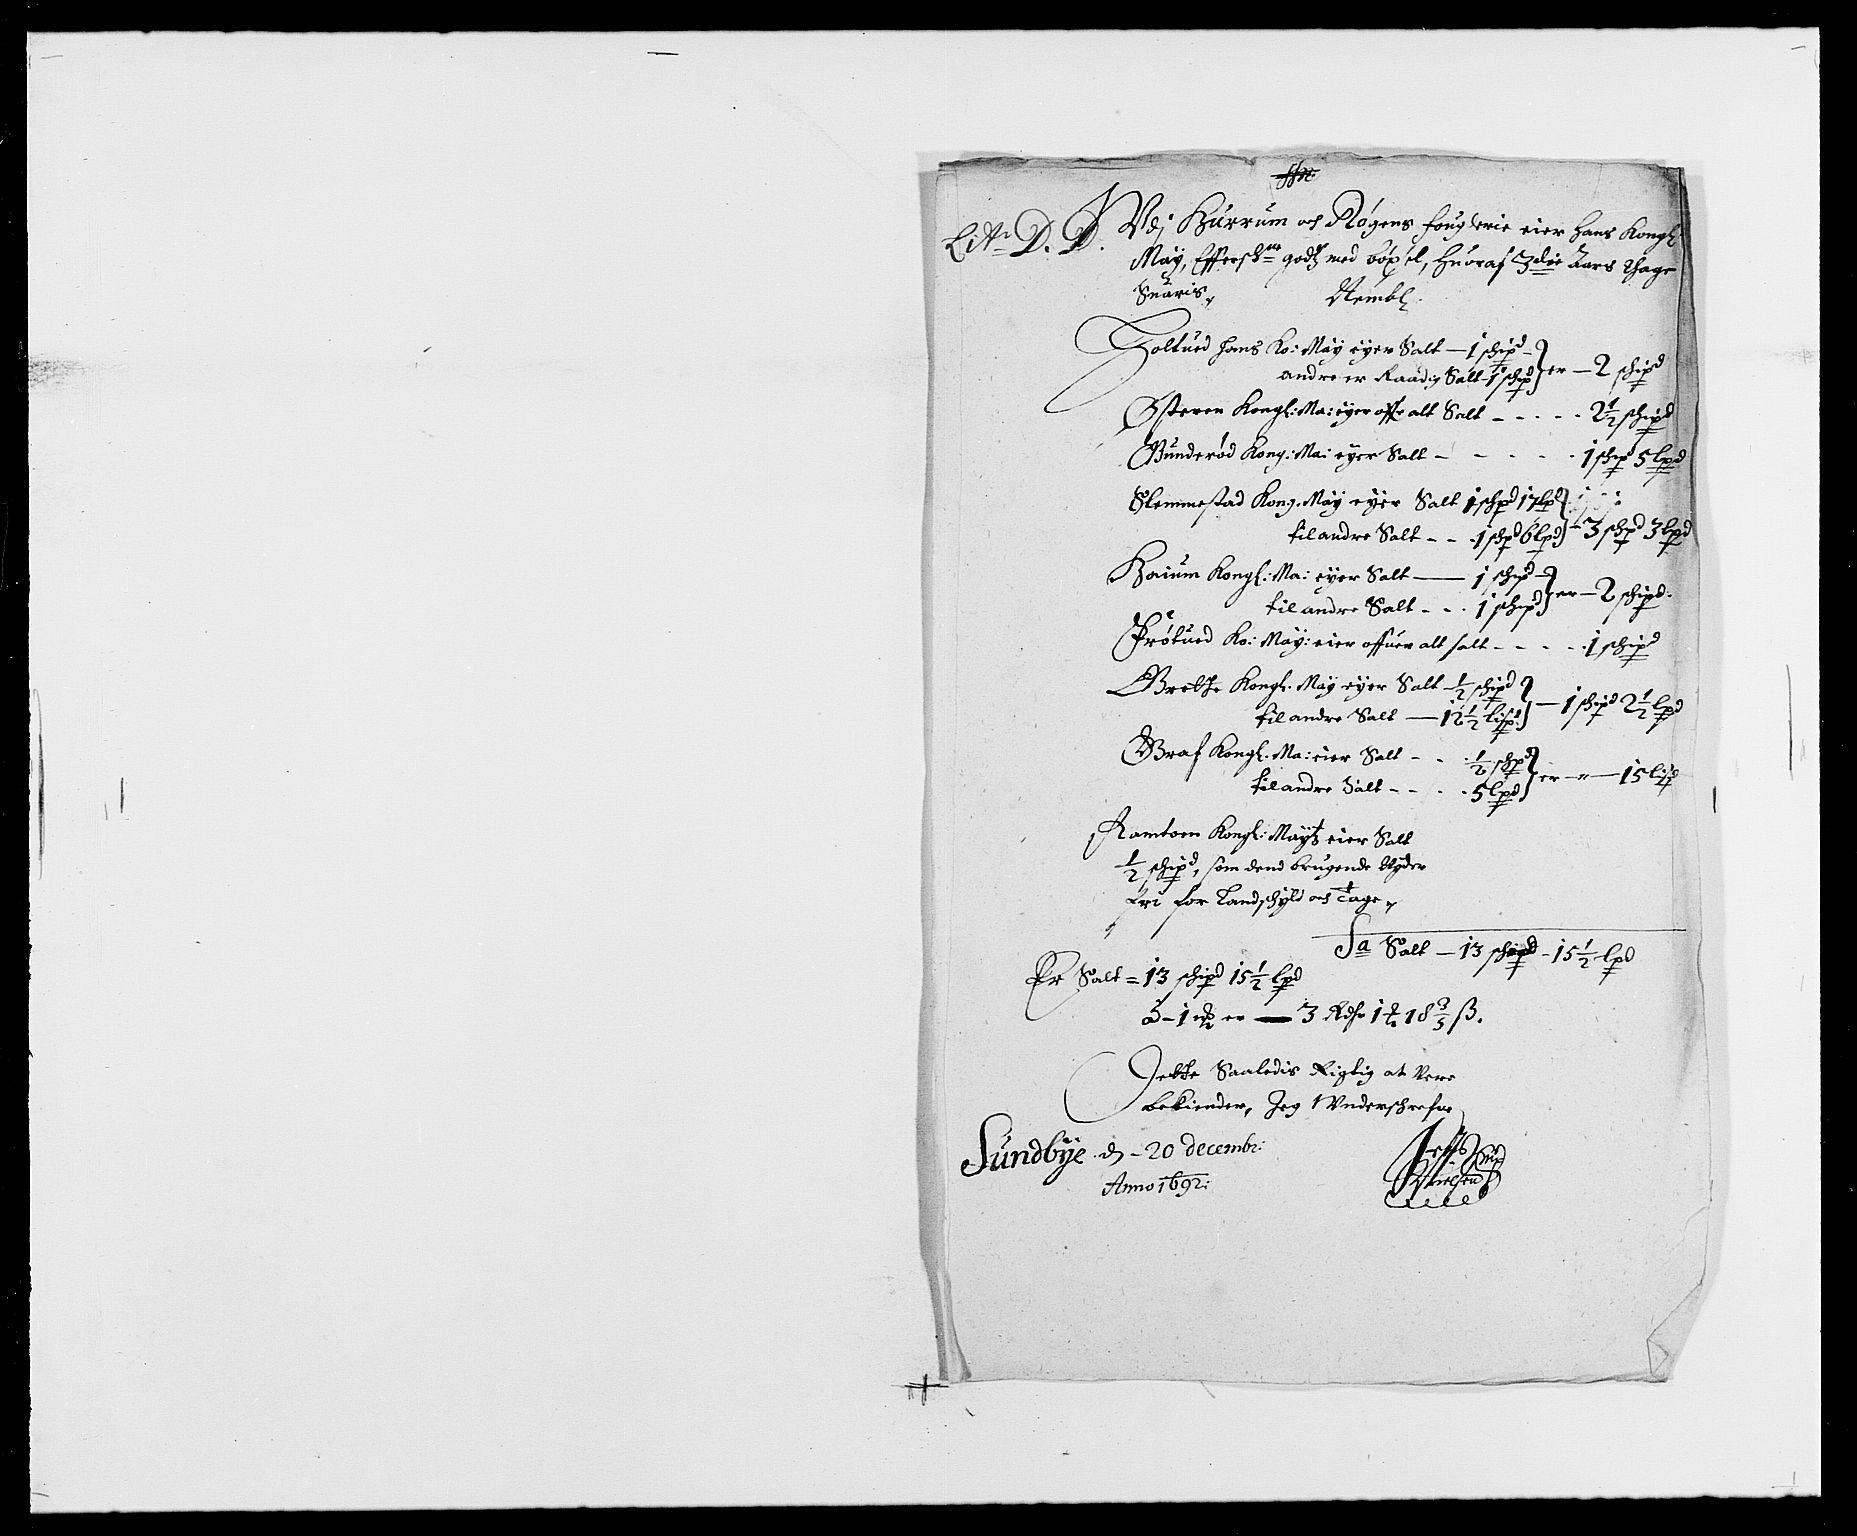 RA, Rentekammeret inntil 1814, Reviderte regnskaper, Fogderegnskap, R29/L1693: Fogderegnskap Hurum og Røyken, 1688-1693, s. 239